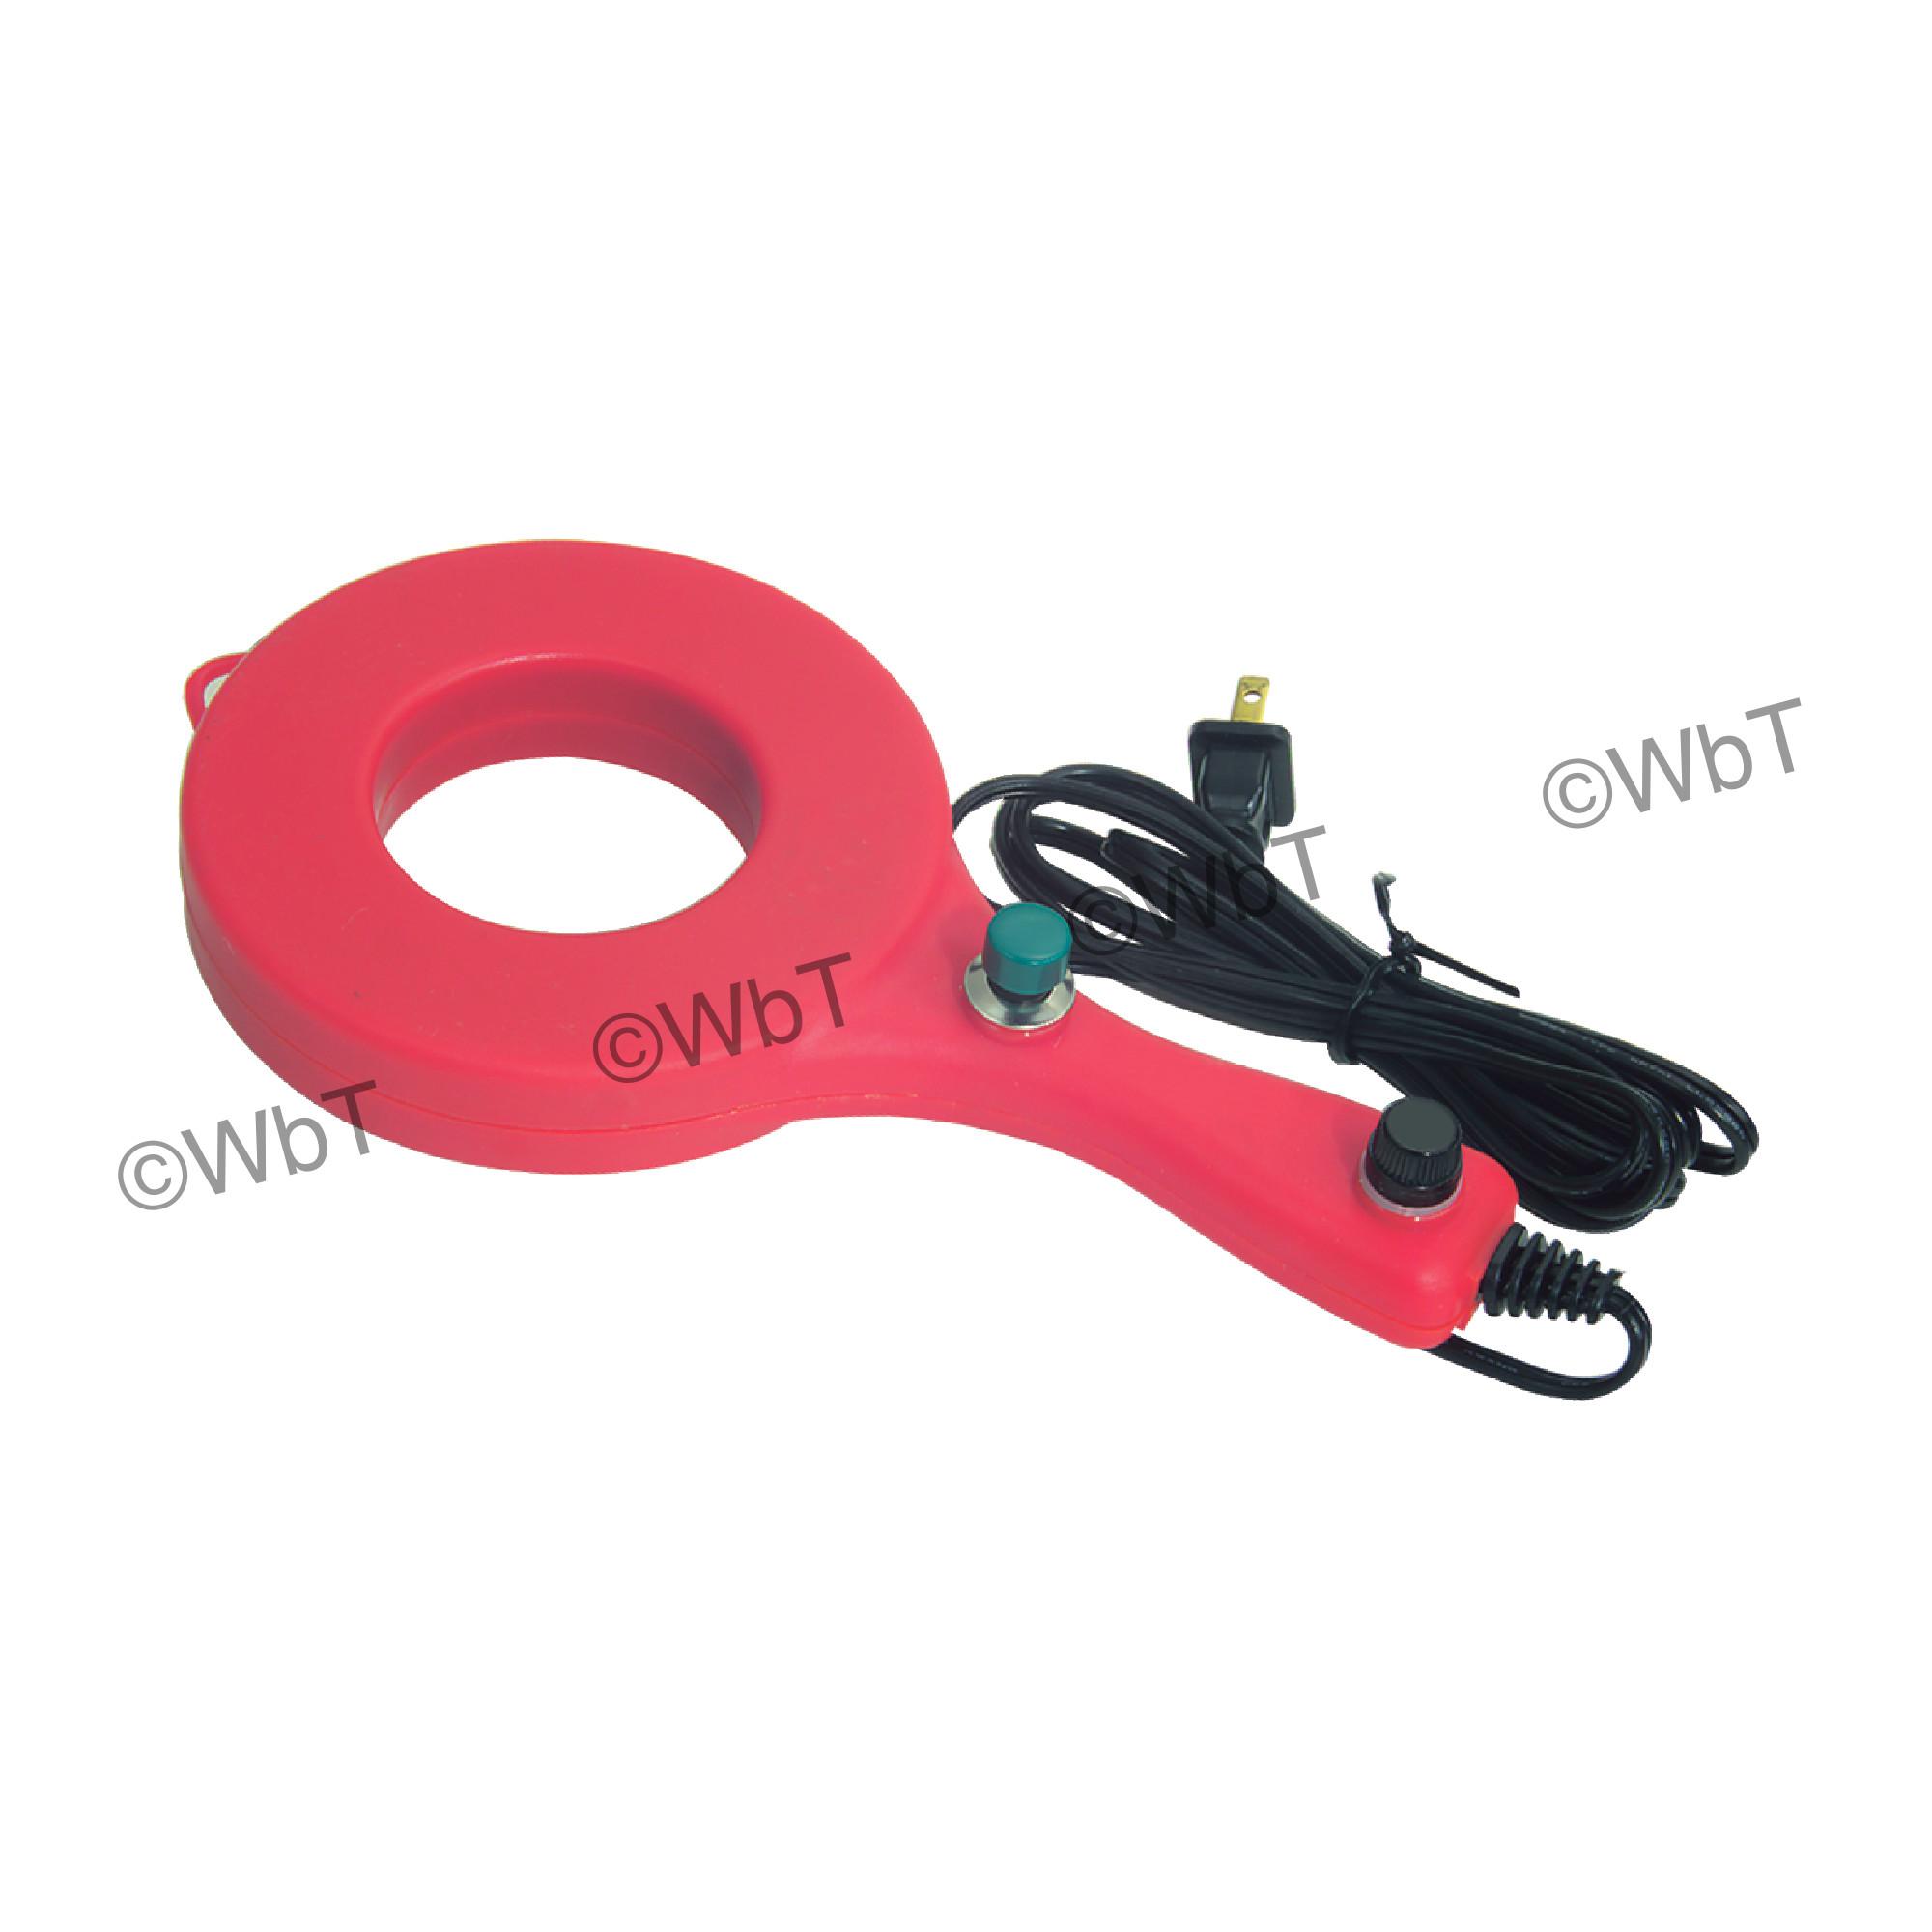 Portable Magnetizer/Demagnetizer